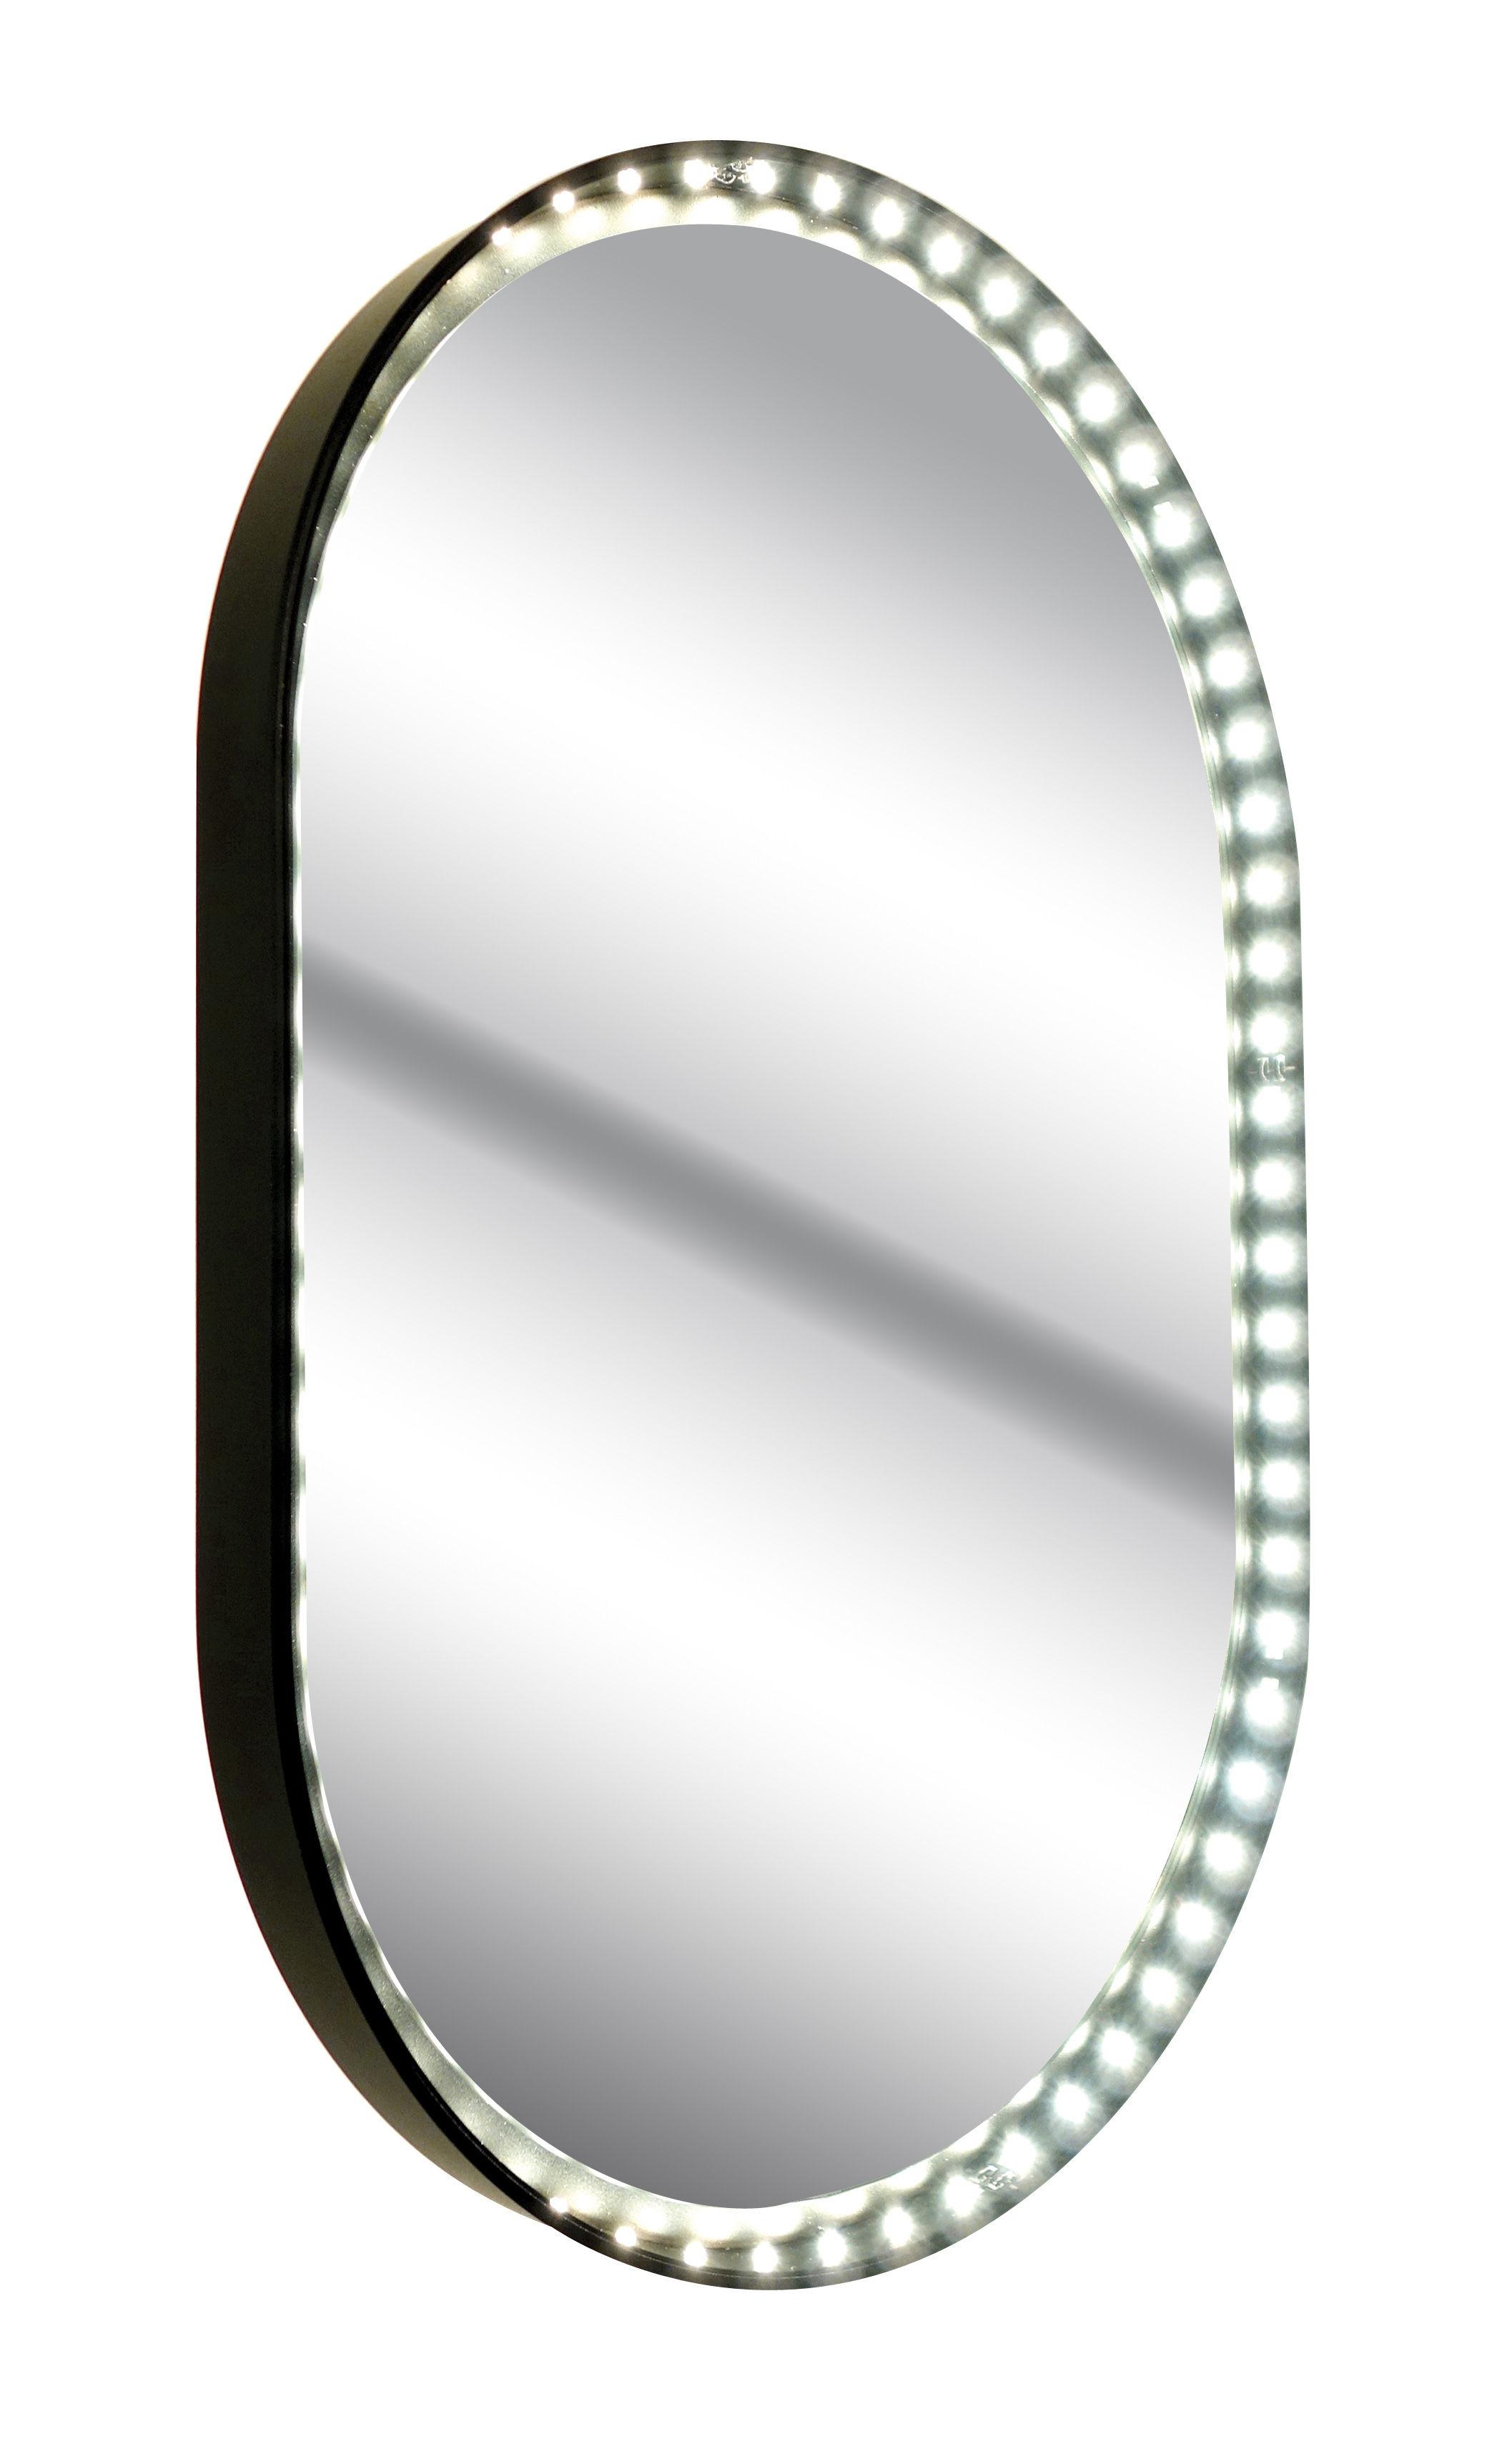 Leuchten - Wandleuchten - Vanity Oval S Wandleuchte / Spiegel - LED - H 48 cm - Le Deun - Schwarz - Spiegel-Finish, Stahl